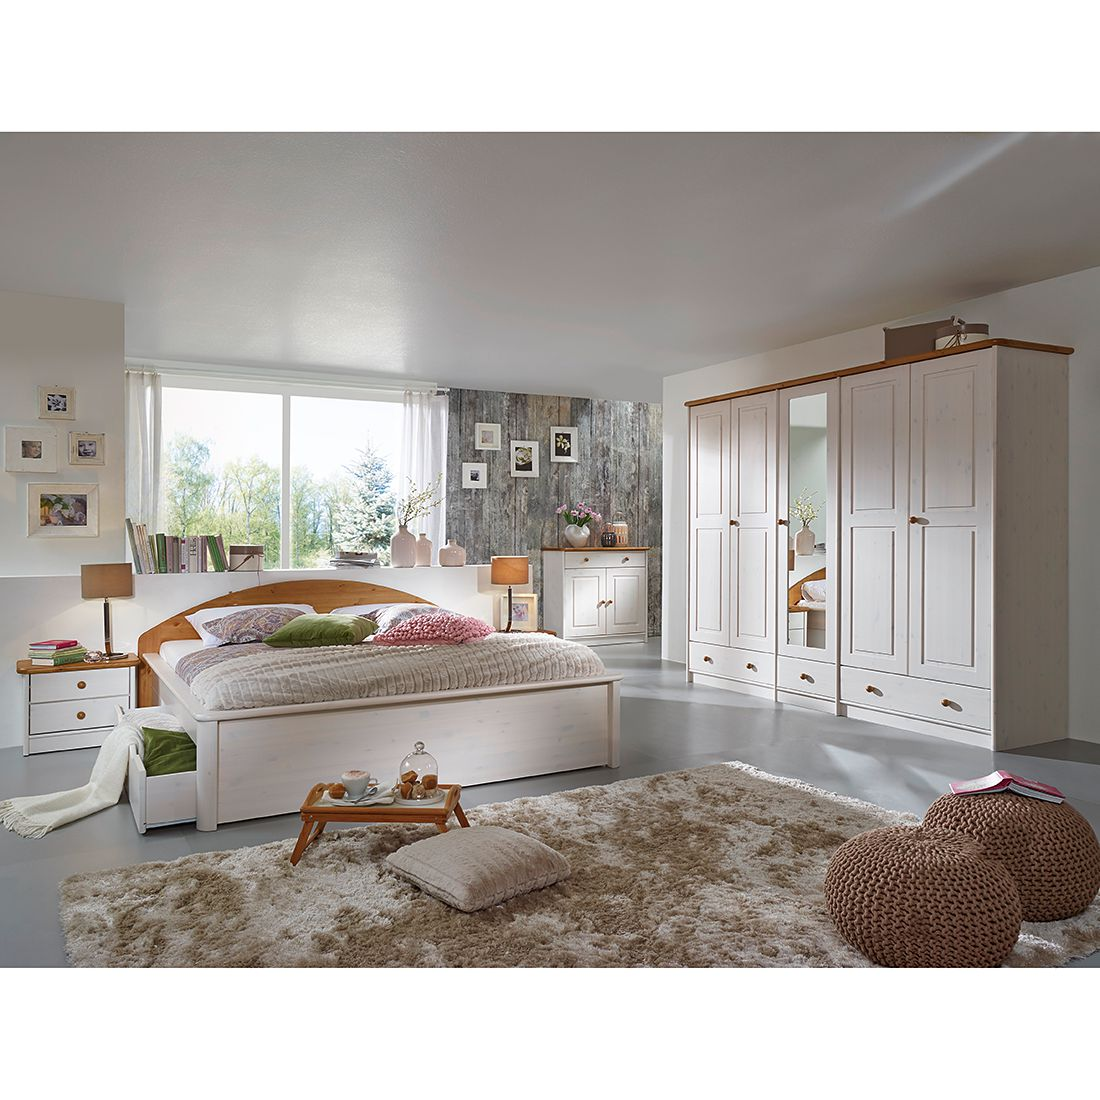 Schlafzimmerset Valga (4-teilig) - Kiefer massiv - Weiß / Eiche, Jack and Alice